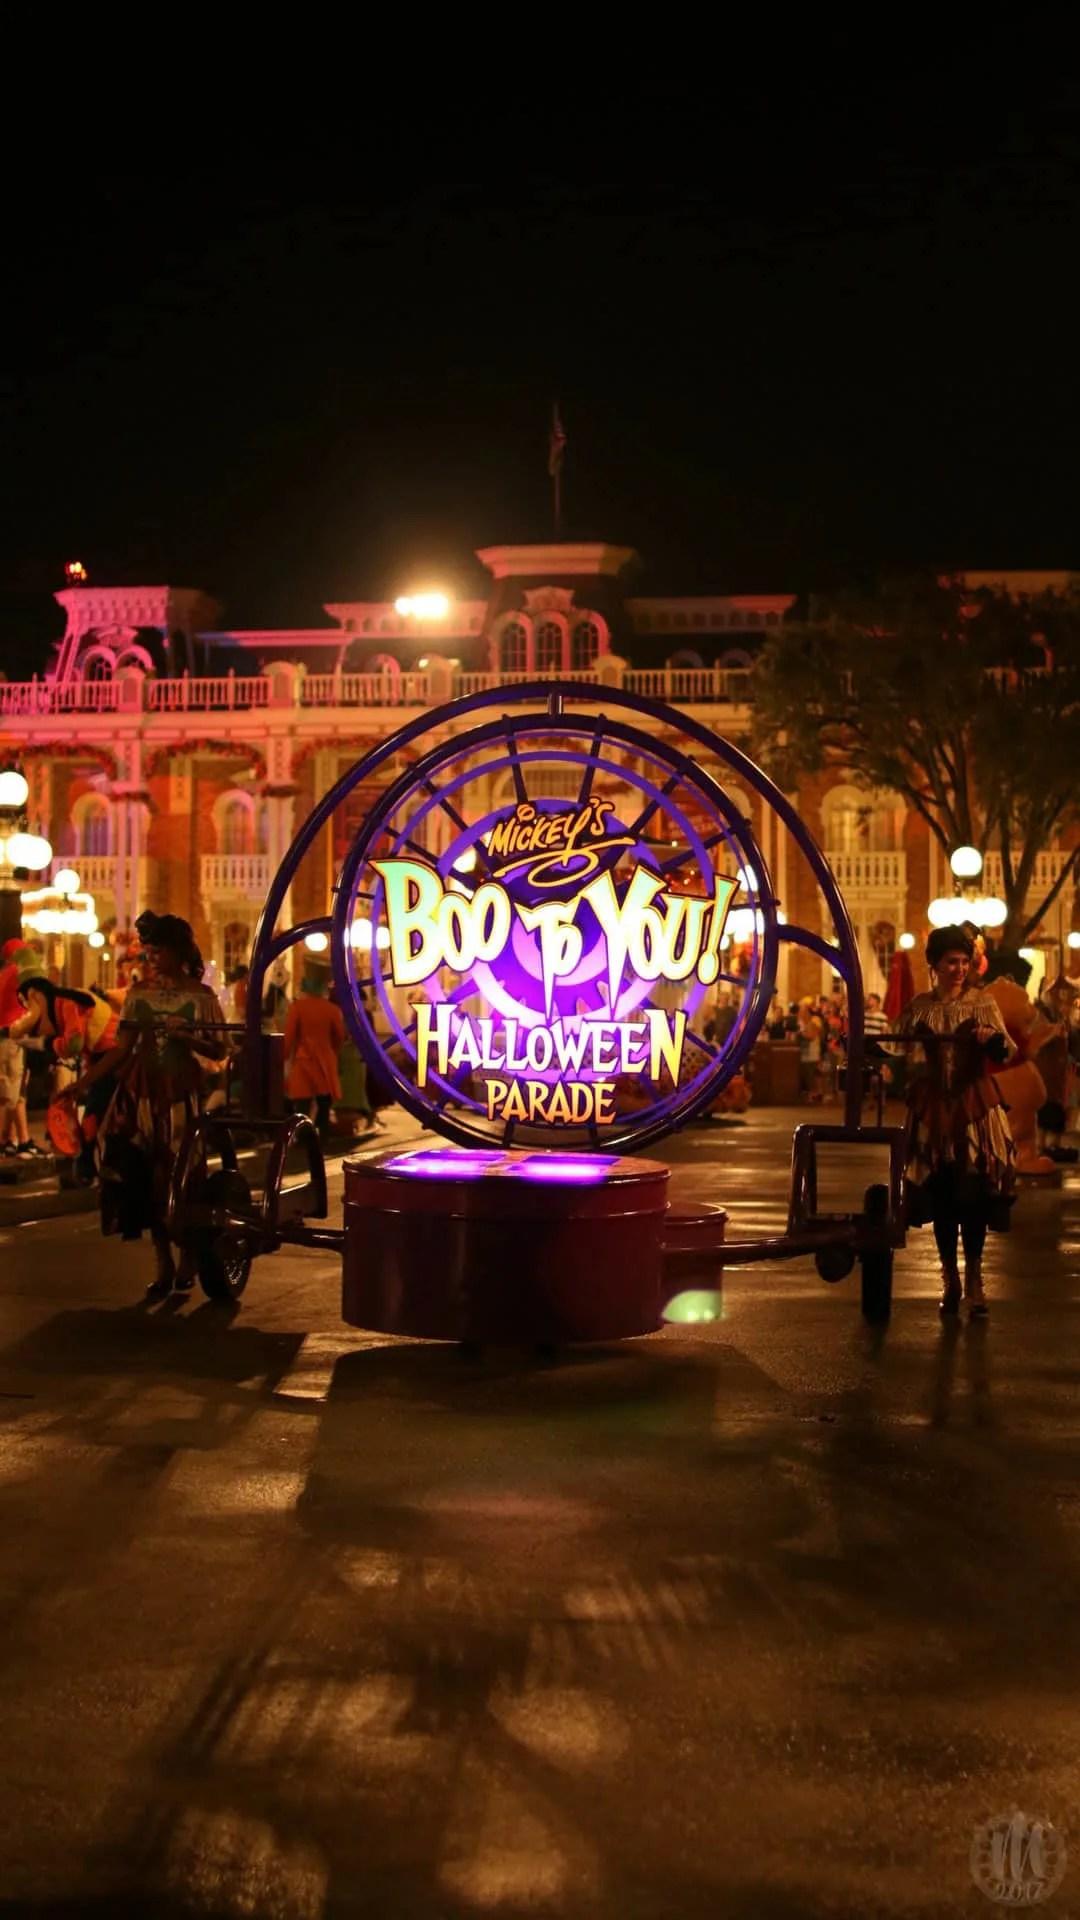 Great Wallpaper Halloween Iphone 5 - Walt-Disney-World-Halloween-iPhone-Wallpapers-5  Perfect Image Reference_542548.jpg?resize\u003d1080%2C1920\u0026ssl\u003d1